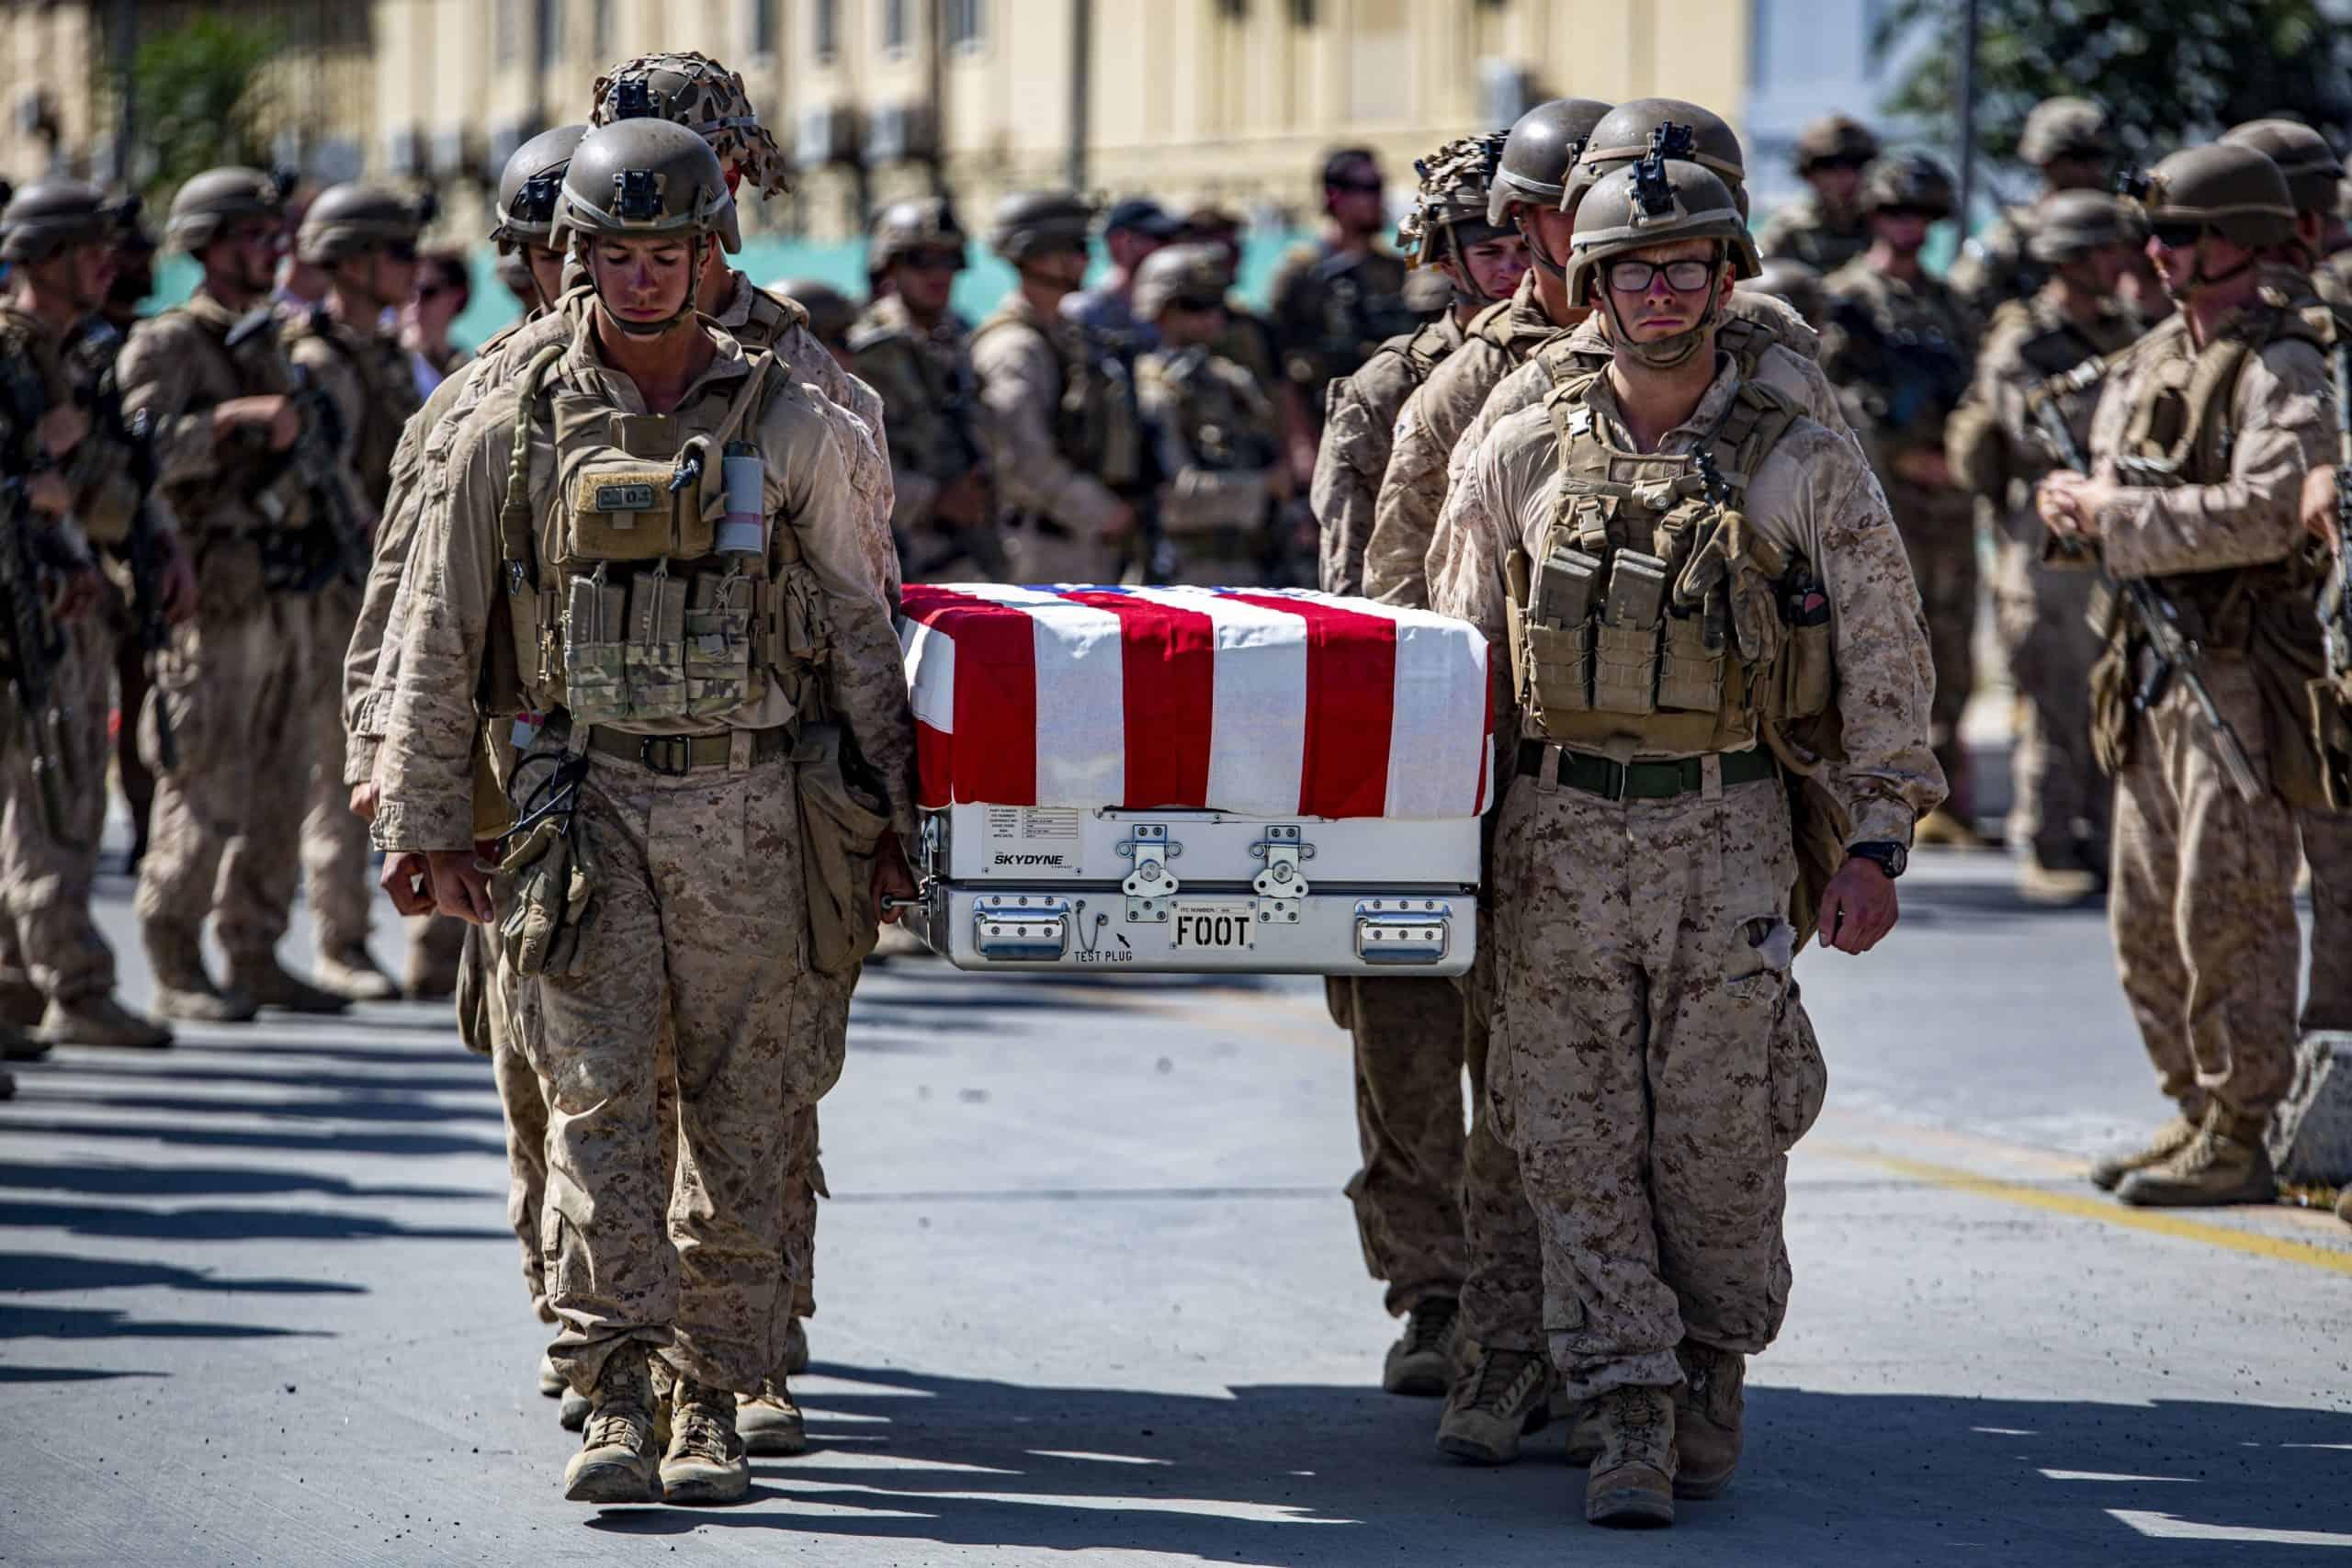 Військові США несуть труну військовослужбовців, які загинули в Афганістані. Серпень 2021. Фото: Армія США